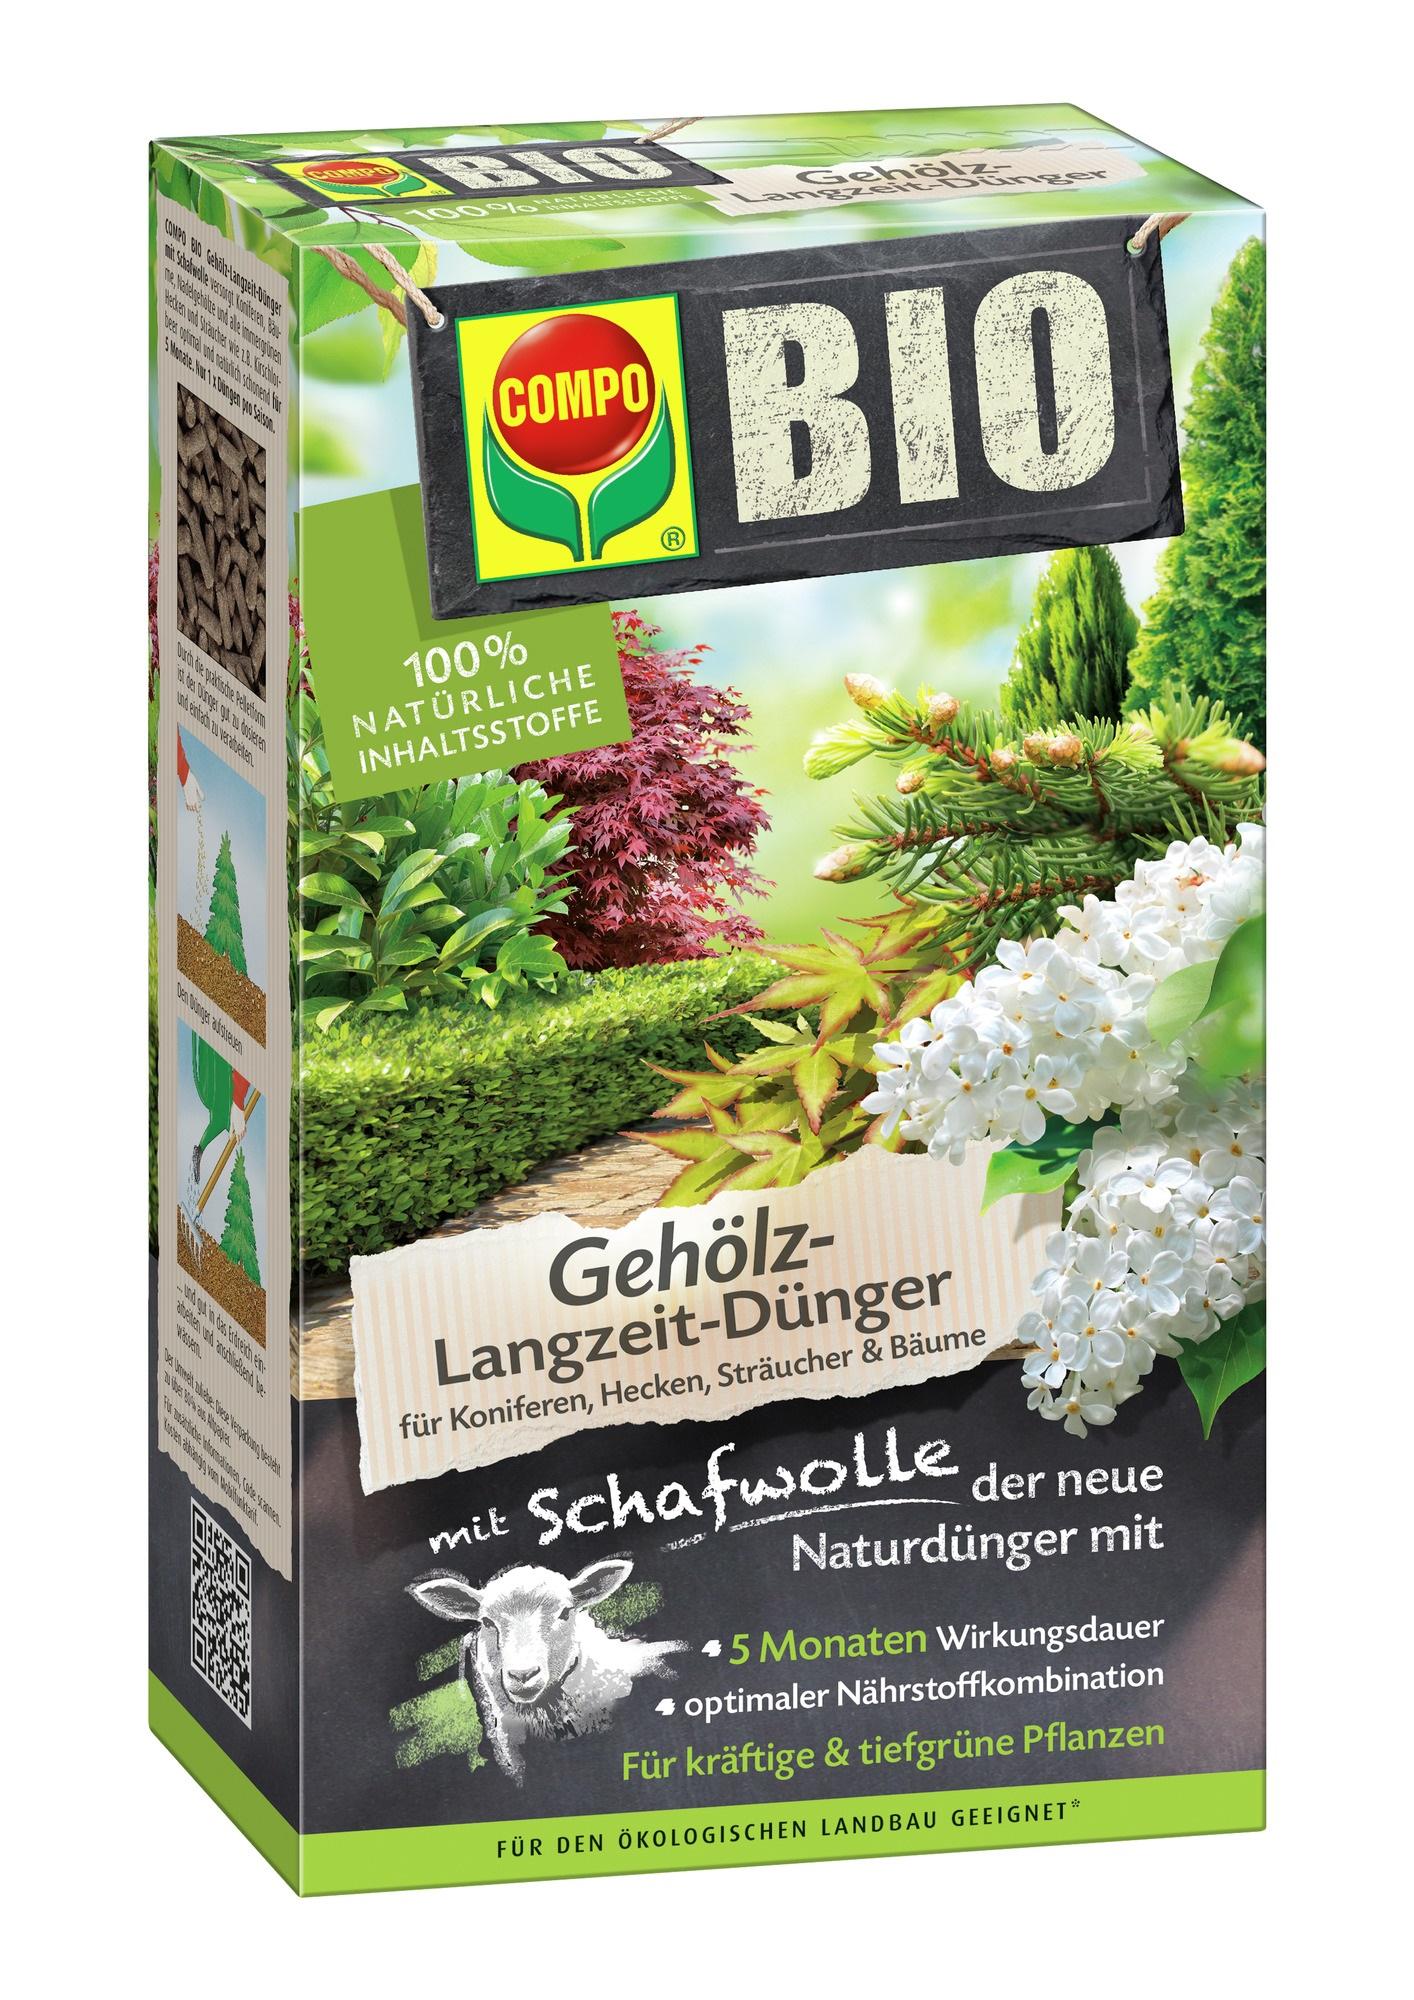 compo bio geh lz langzeitd nger 2 kg org npk d nger 7 3 3 pfeifferer group eshop. Black Bedroom Furniture Sets. Home Design Ideas